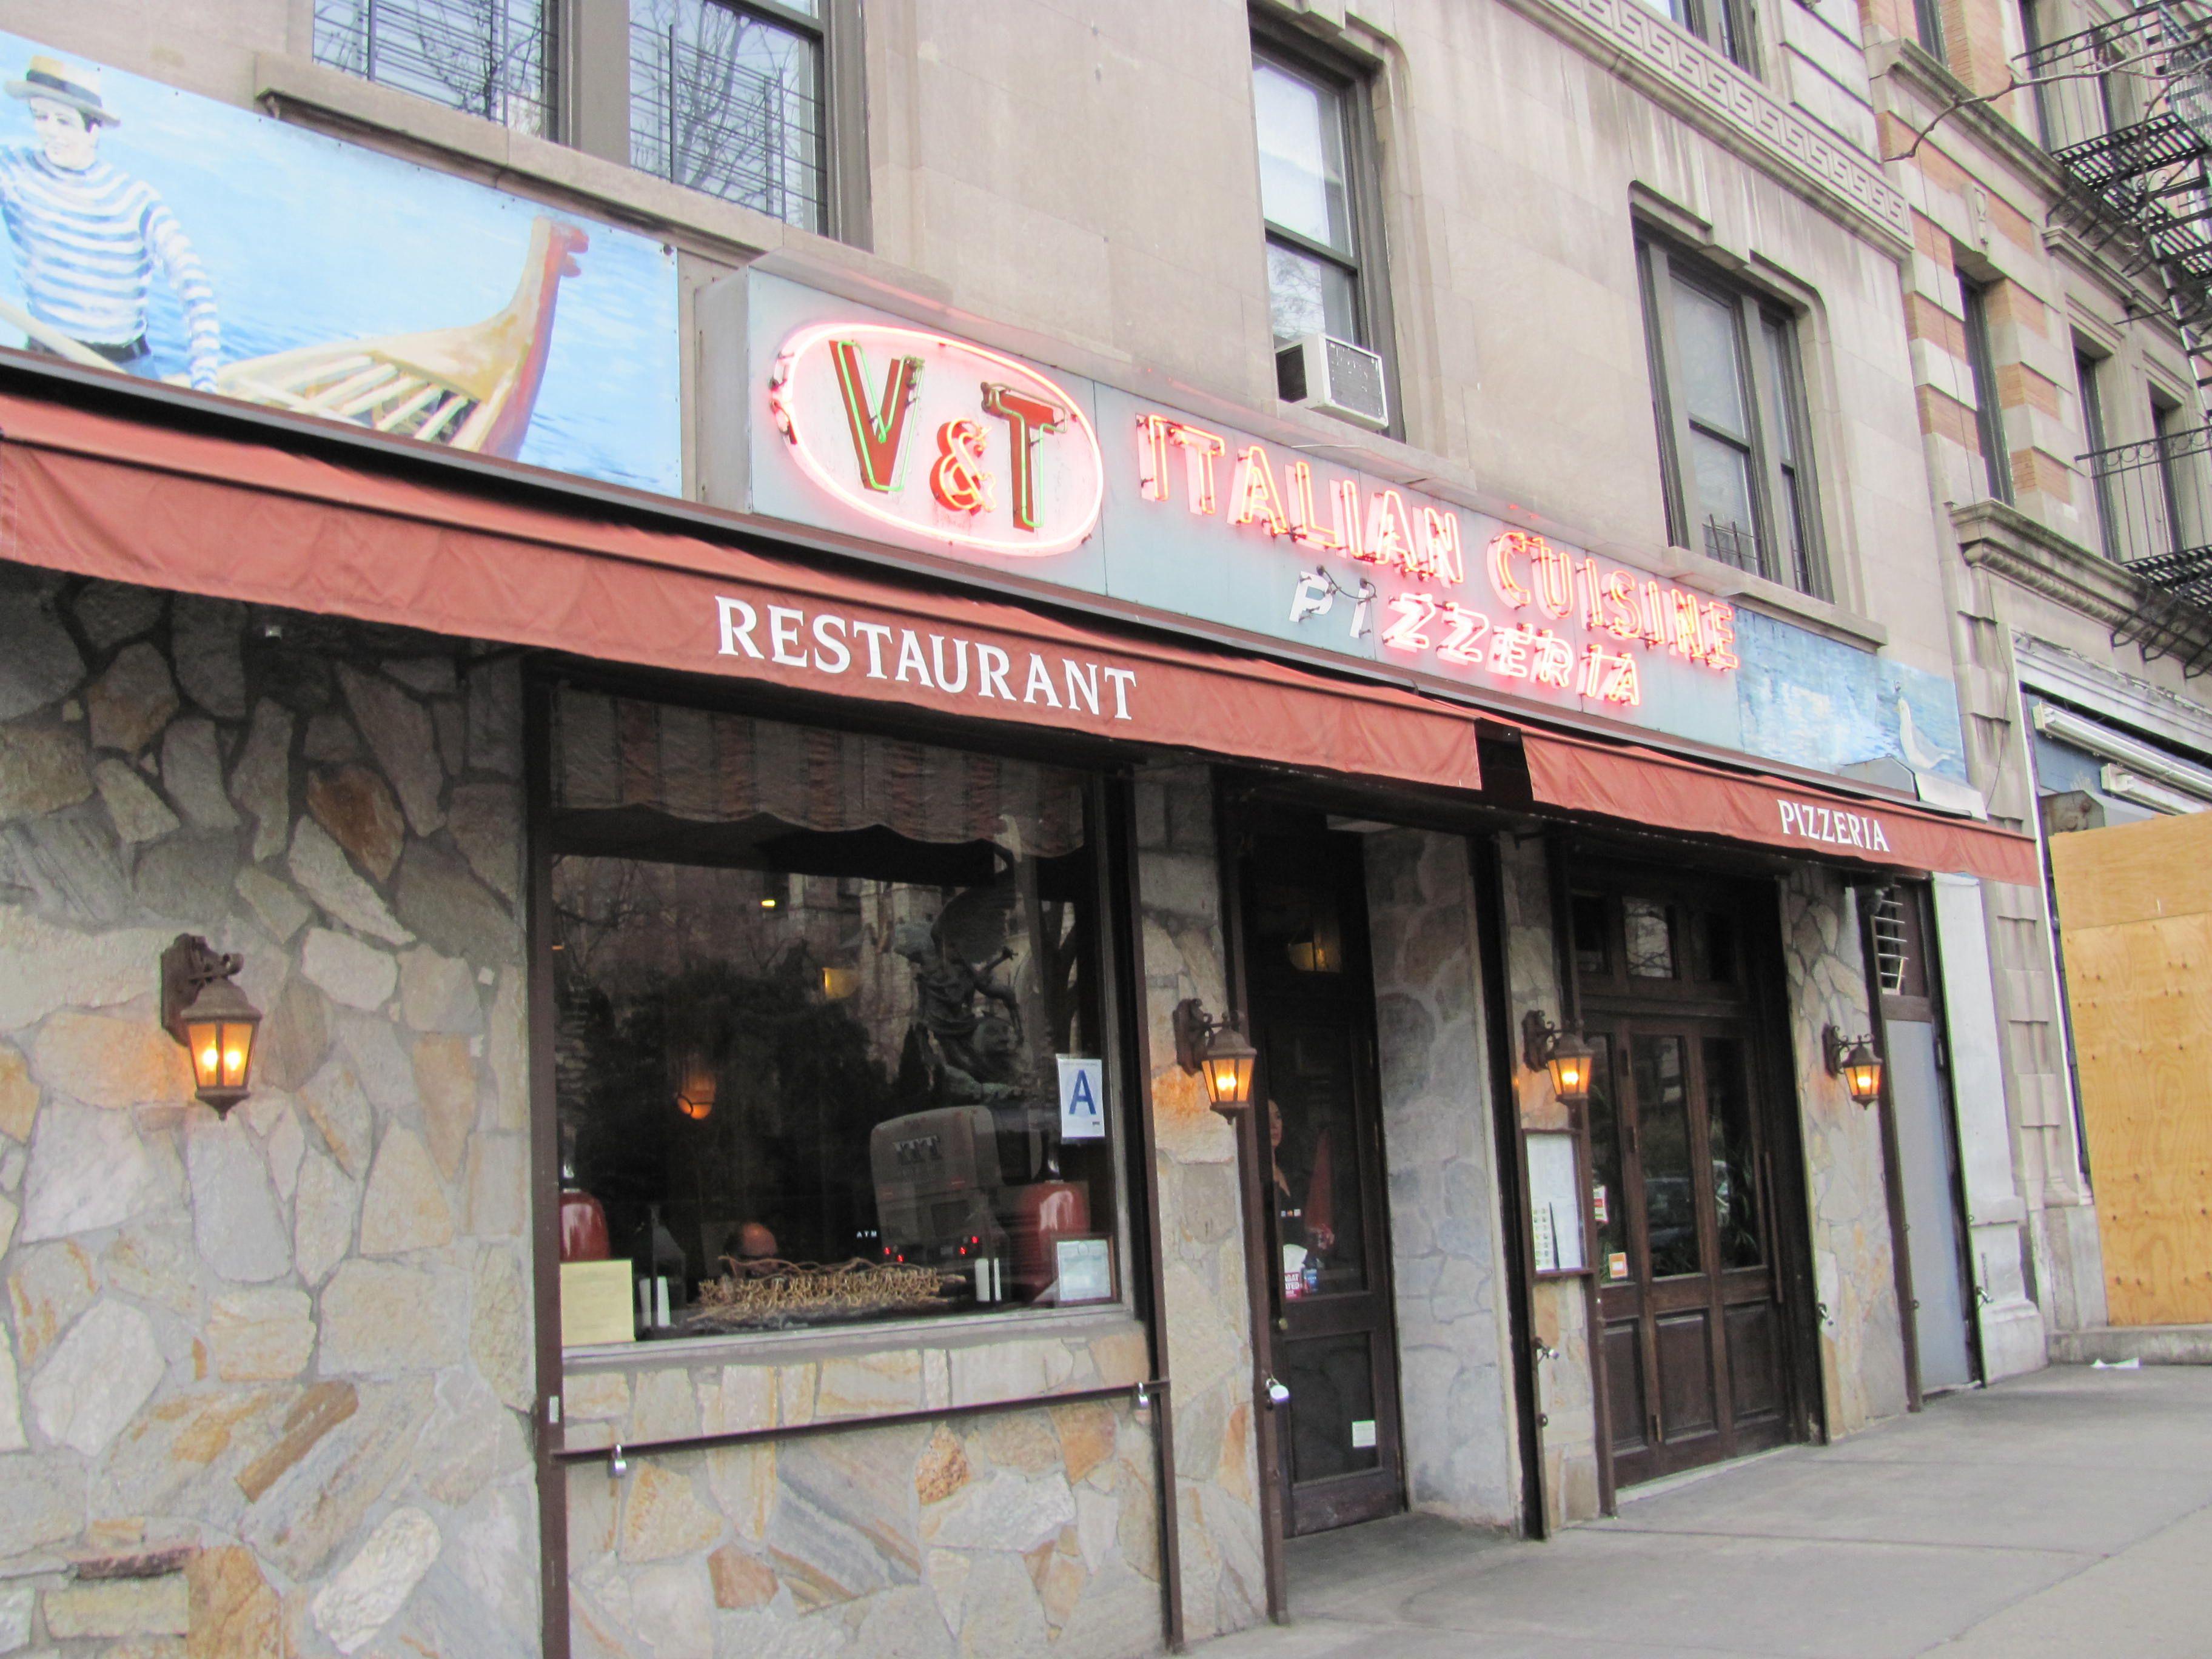 New York City pizza institution, V & T Italian Restaurant